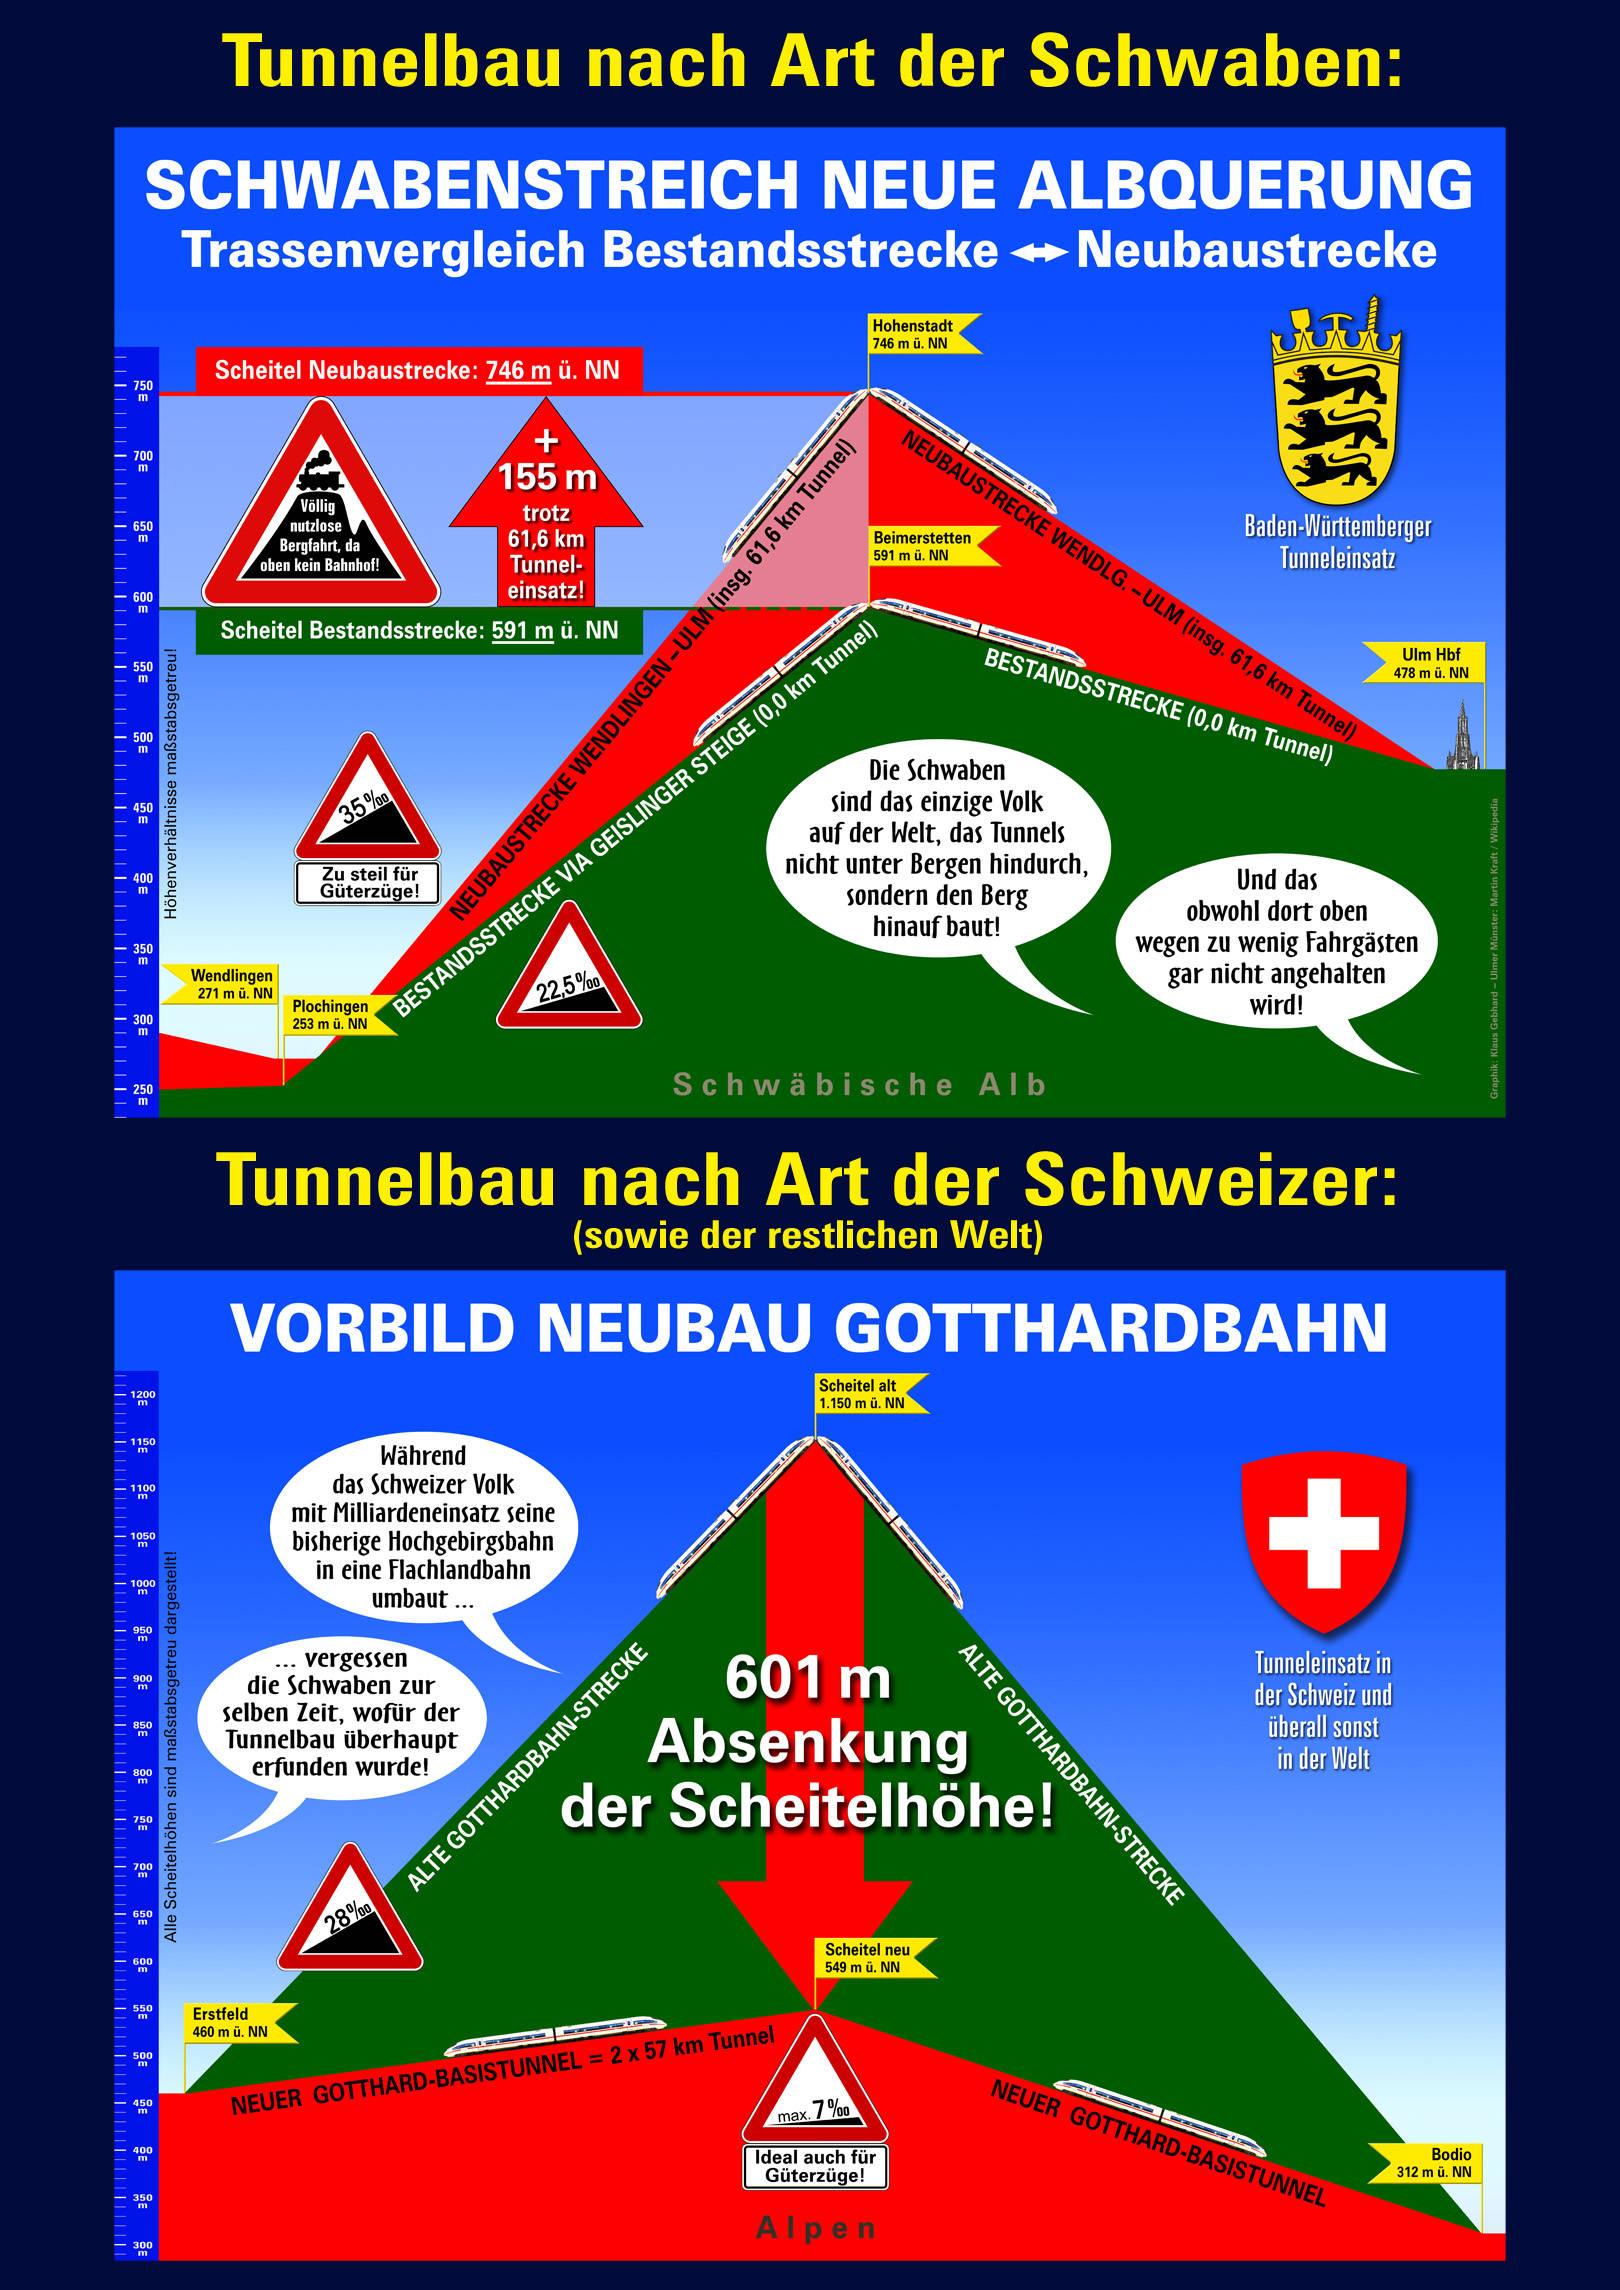 http://www.parkschuetzer.de/assets/statements_neu/000/190/535/original/Vergleich_NBS-NEAT_vertikal_1620.jpg?1465065984